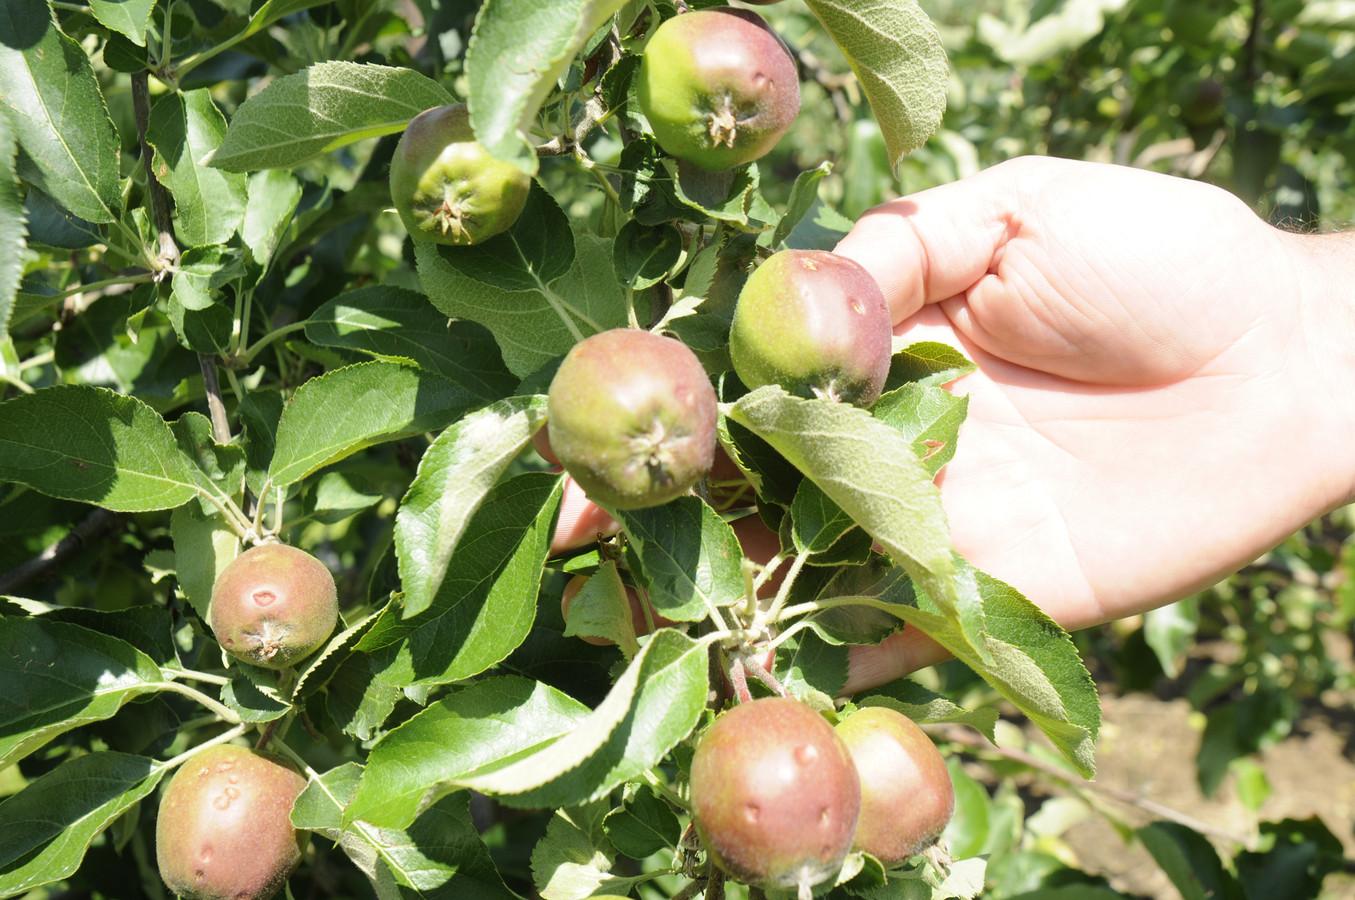 Bijna elke appel is beschadigd.